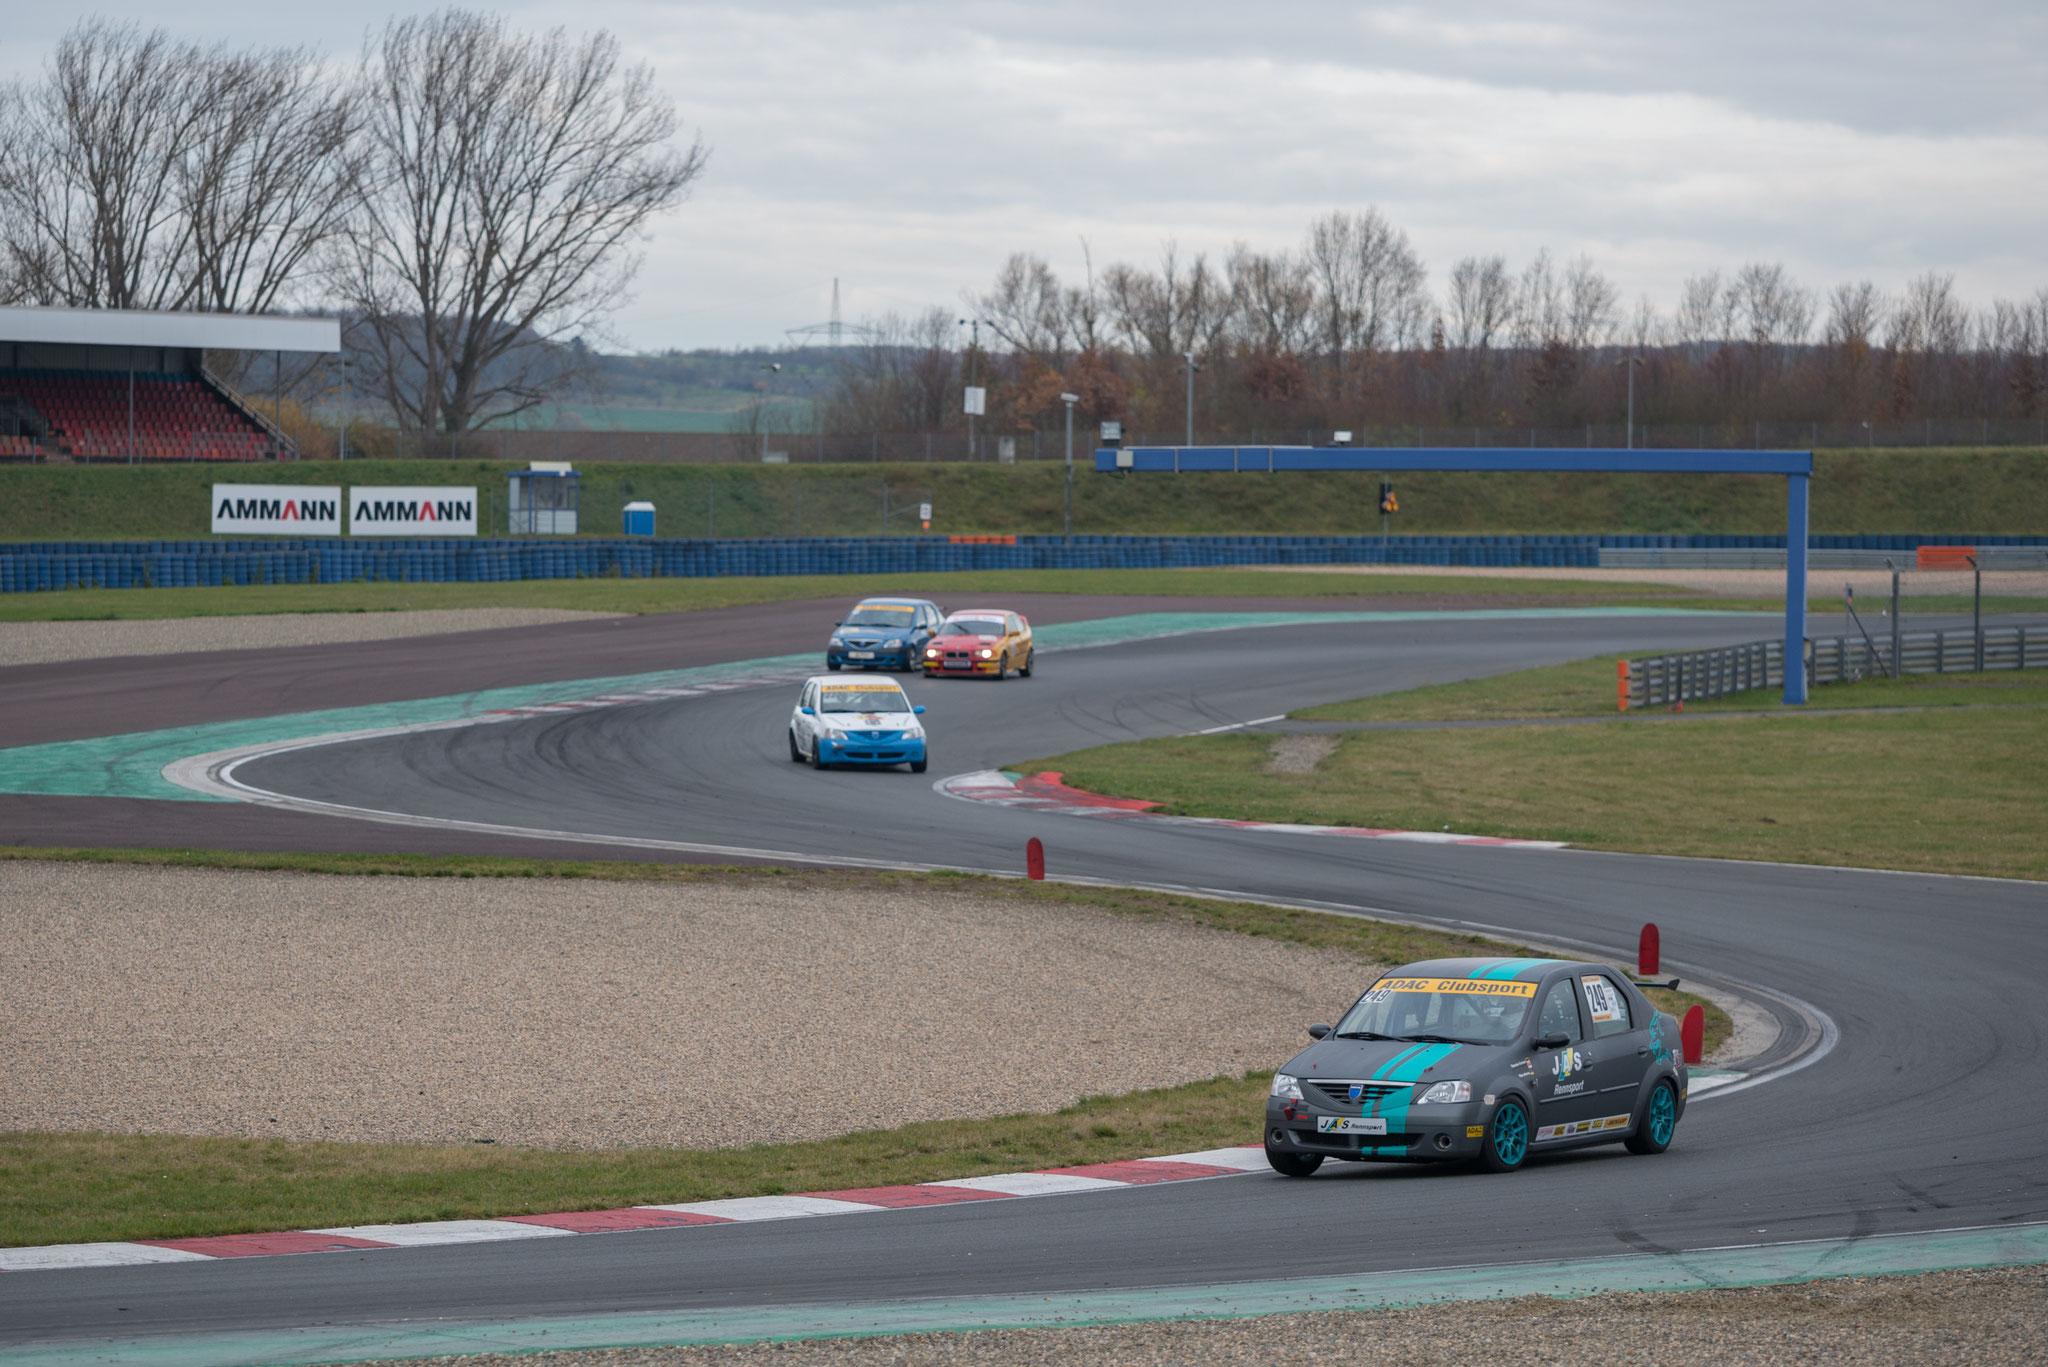 Der BMW einer anderen Wertungsklasse drängt Dennis Bröker in der Triple-Linkskurve nach außen ...